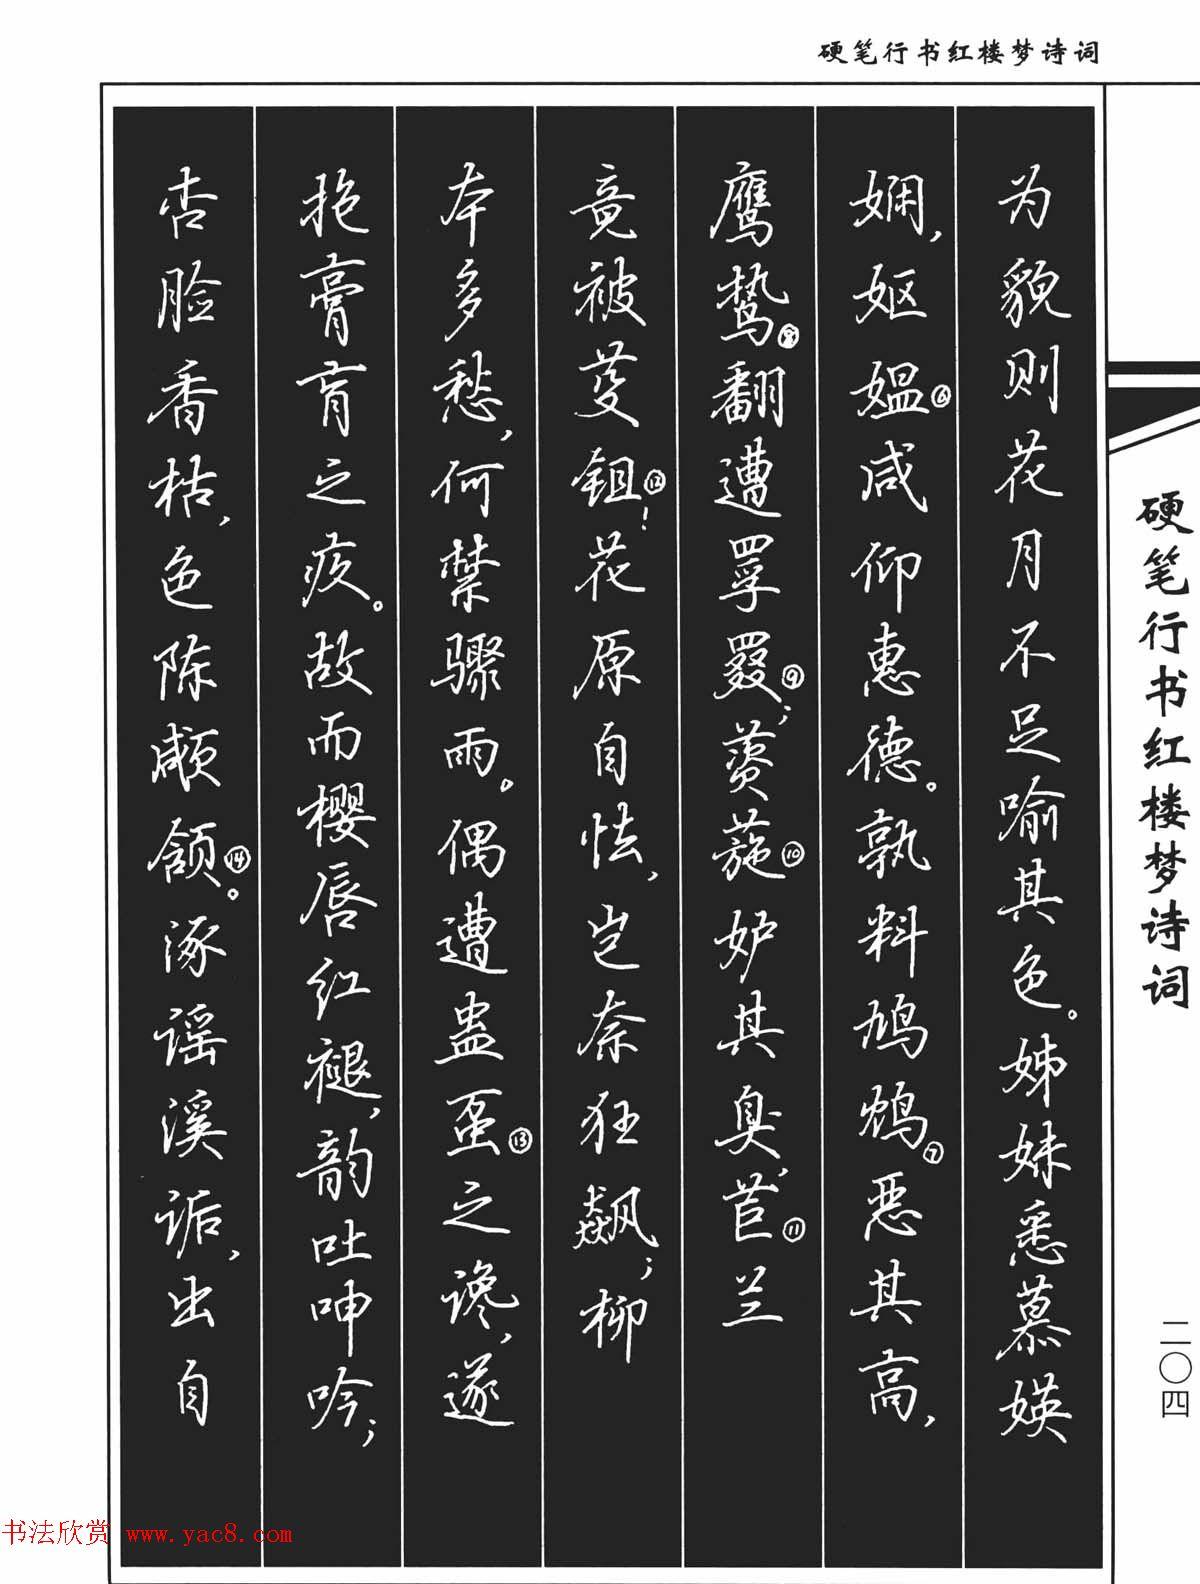 吴玉生钢笔字帖欣赏硬笔行书红楼梦诗词(33)